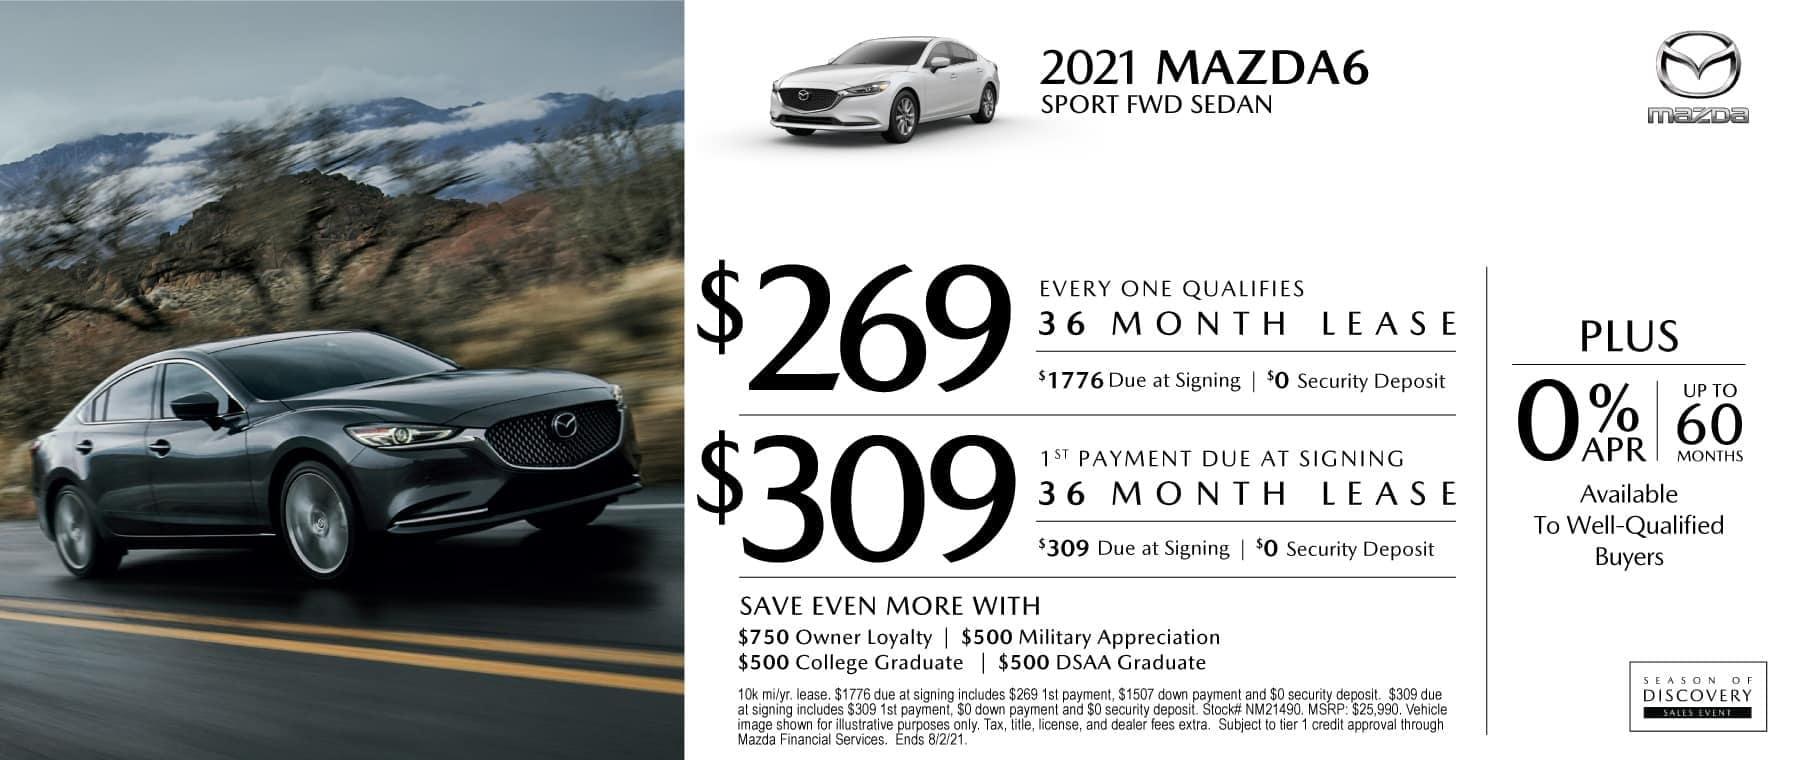 July-2021-Mazda-CS-Slides_Mazda6